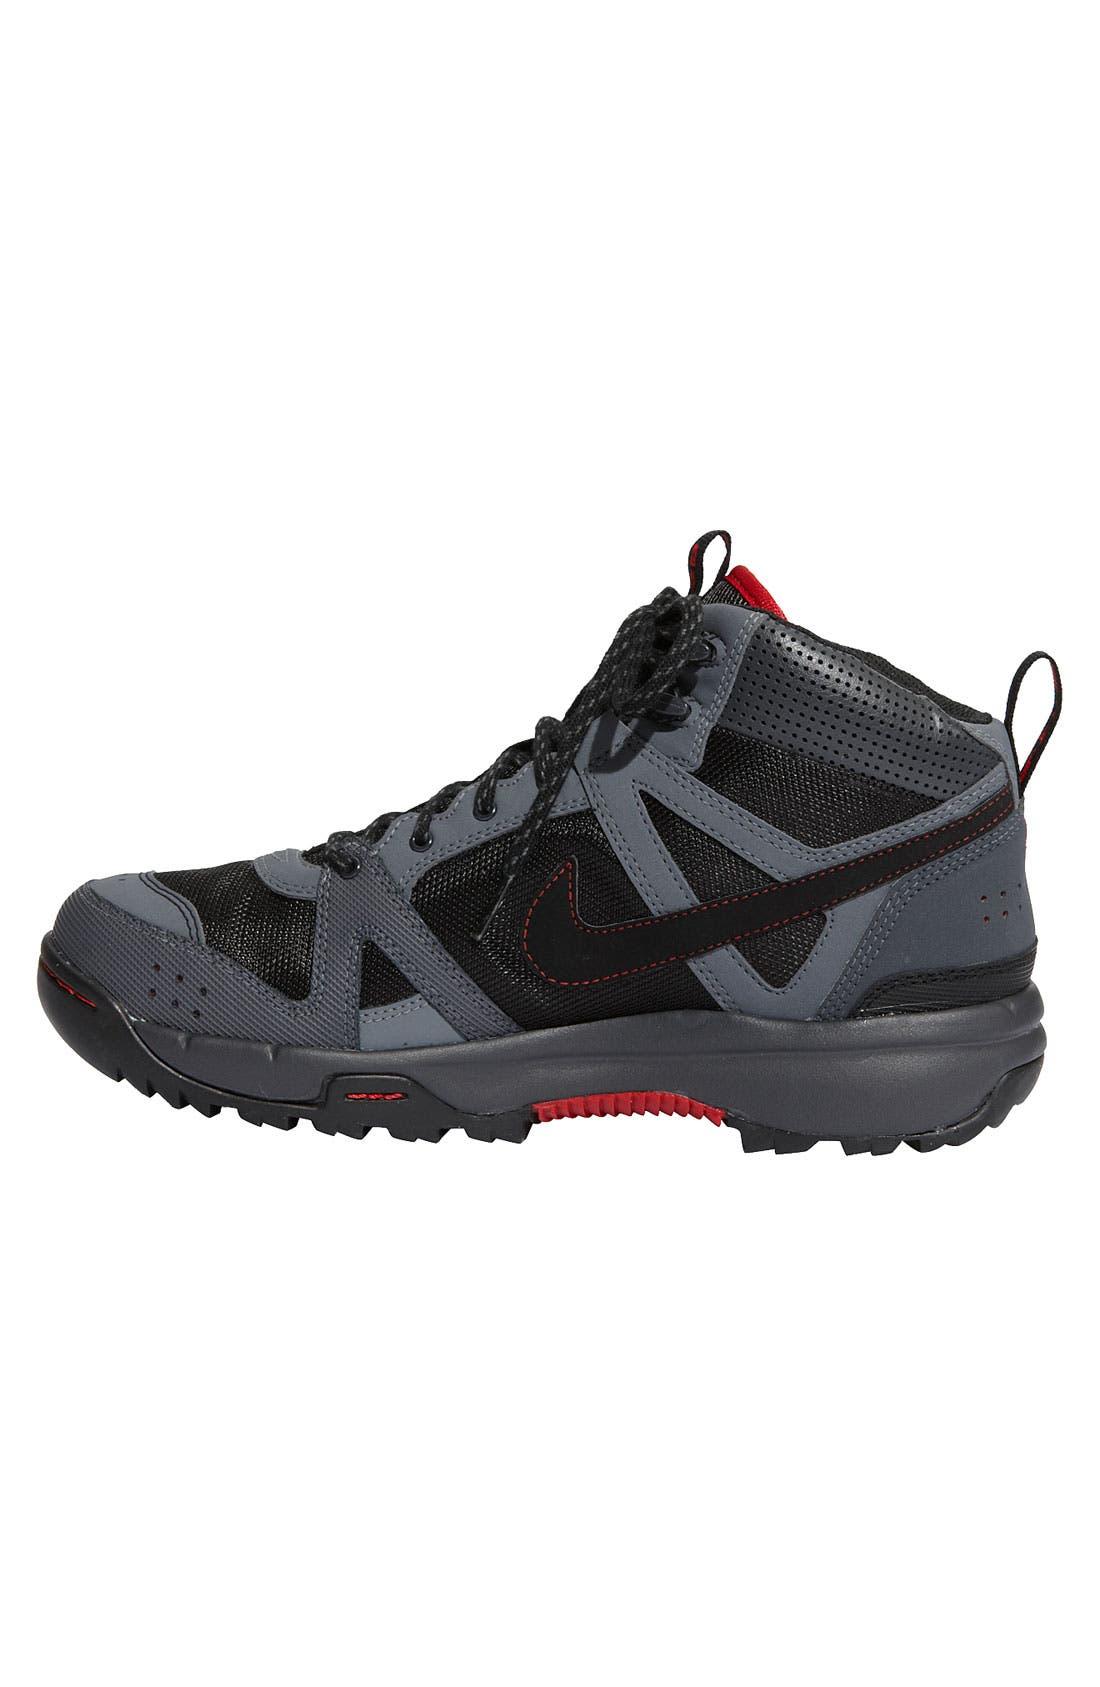 661cbae2929 Nike rongbuk sport shoe nordstrom jpg 1660x1782 Nike rongbuk